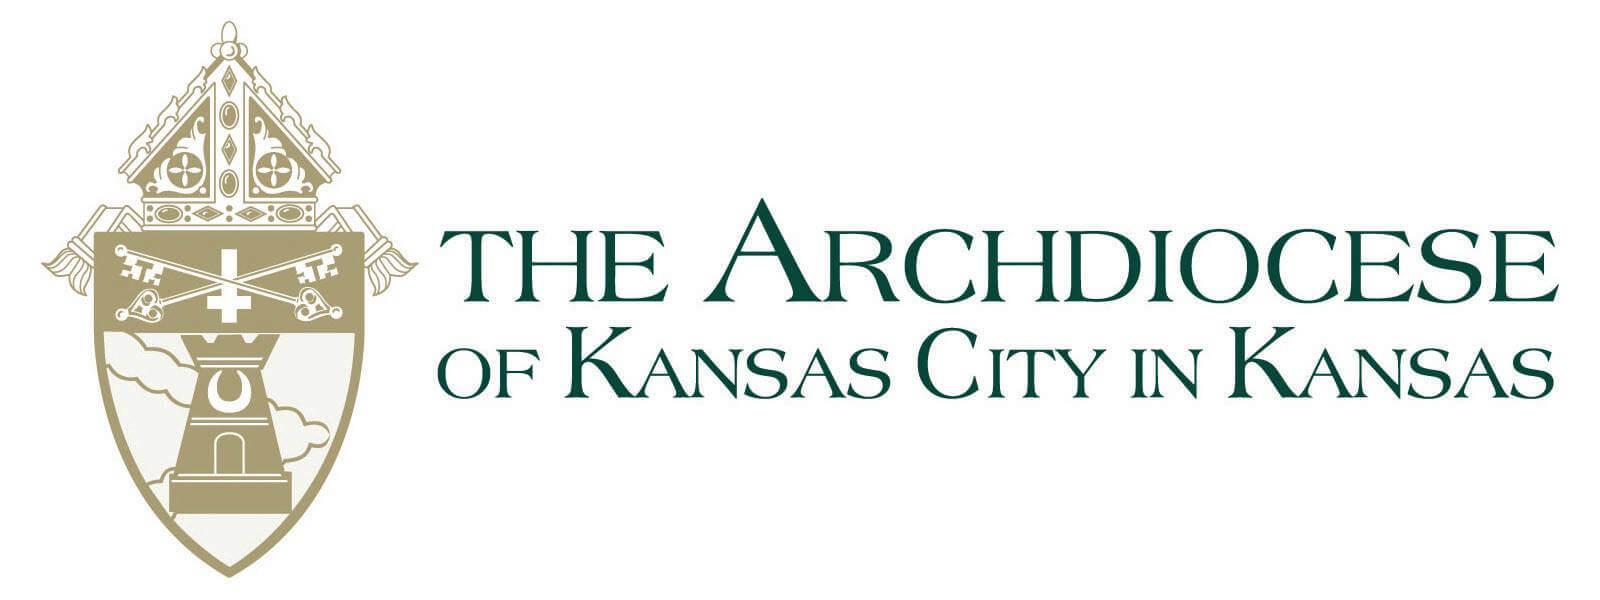 Diocese of Kansas City in Kansas